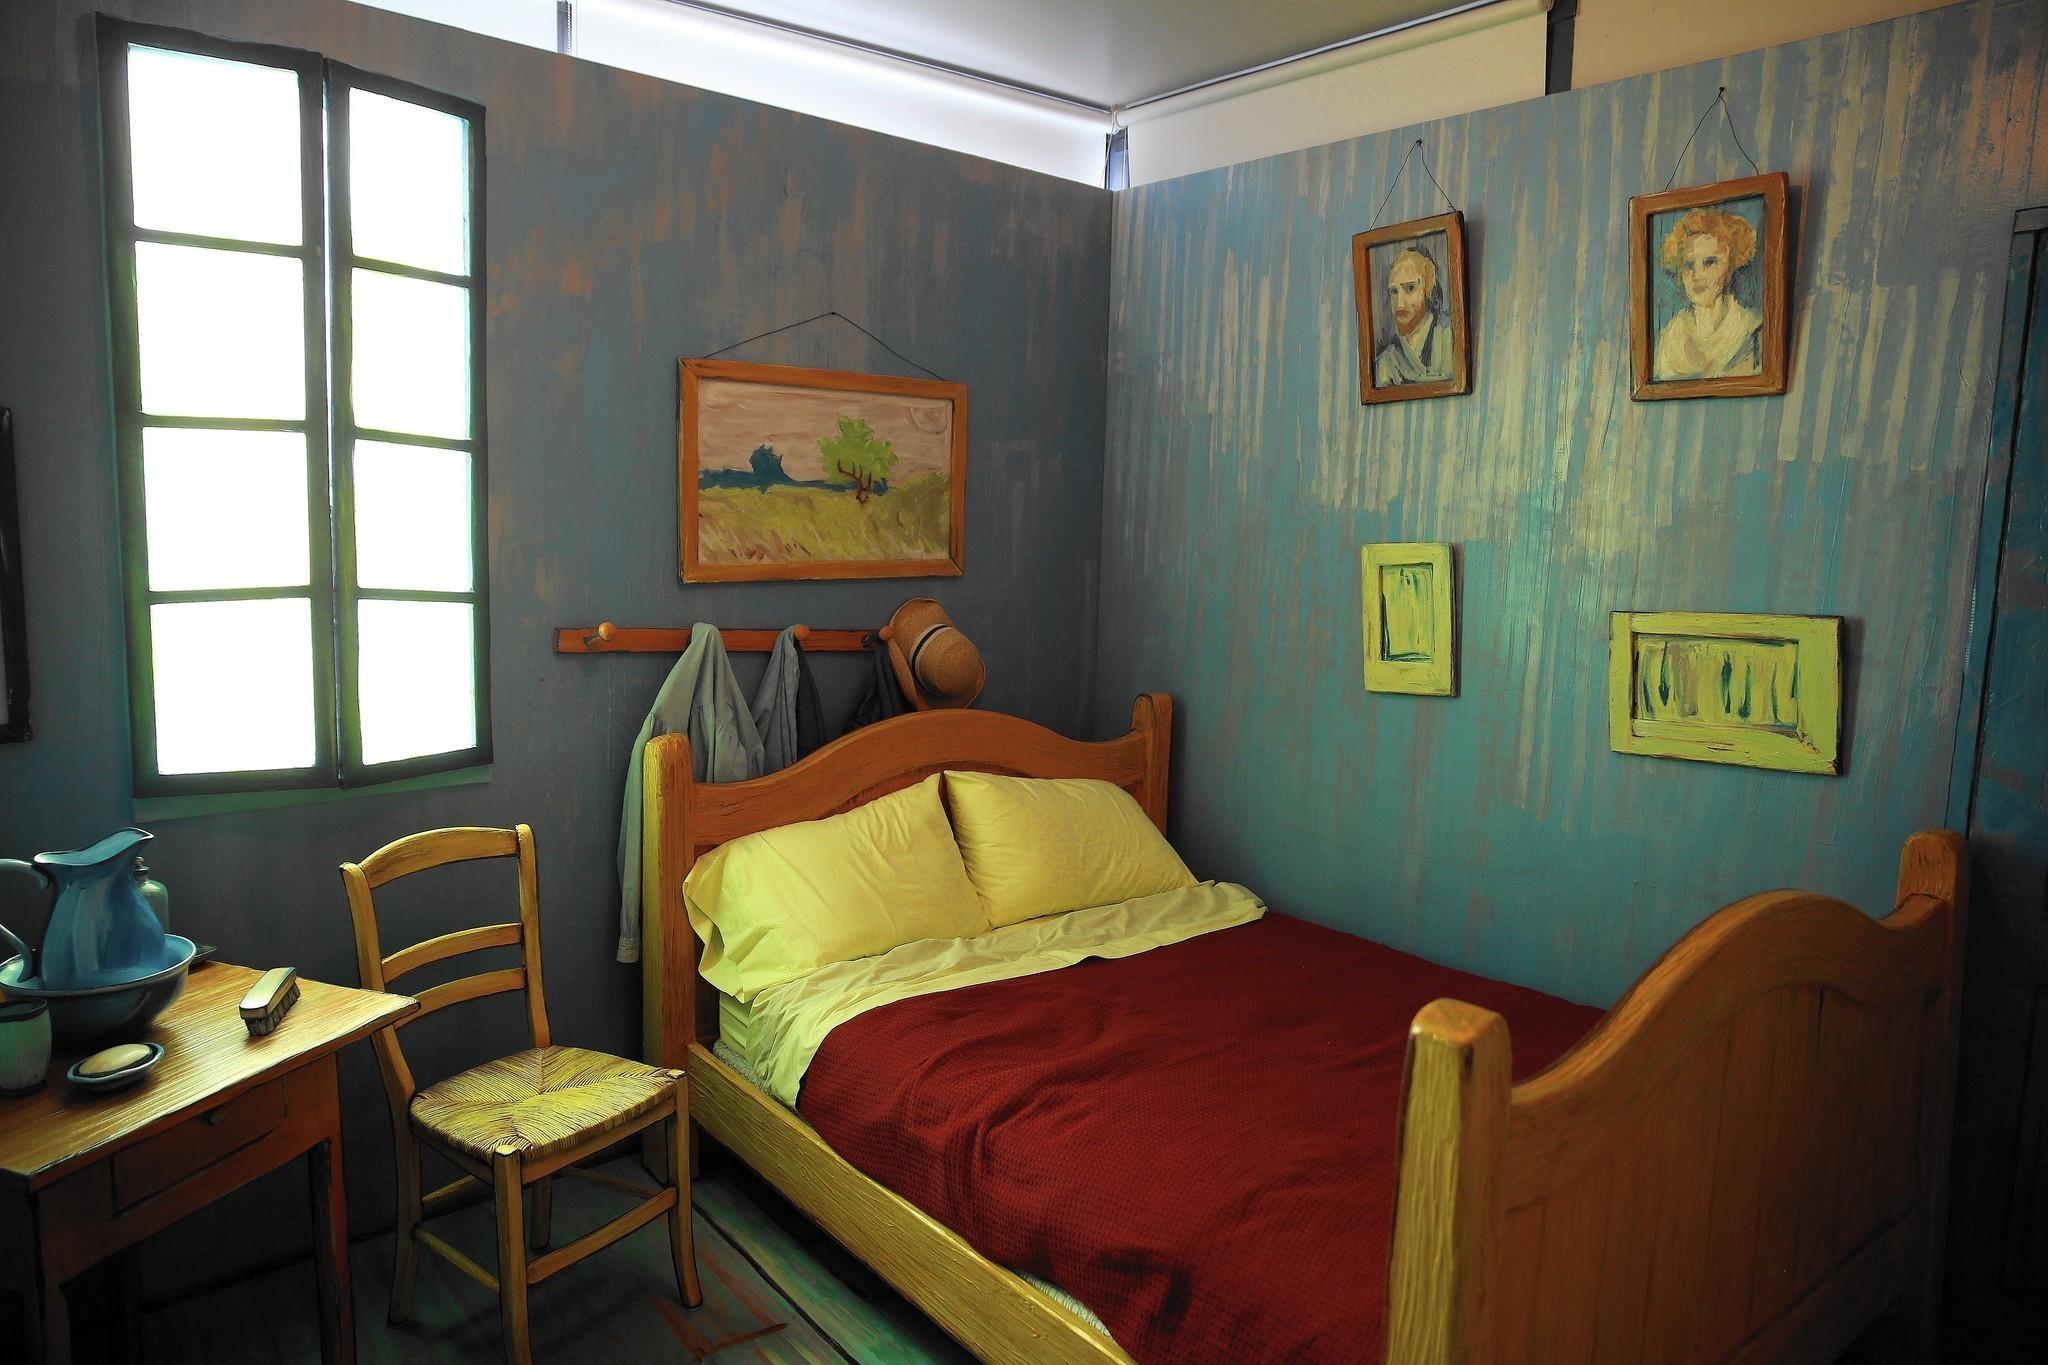 Inside Van Gogh's newest bedroom - Chicago Tribune